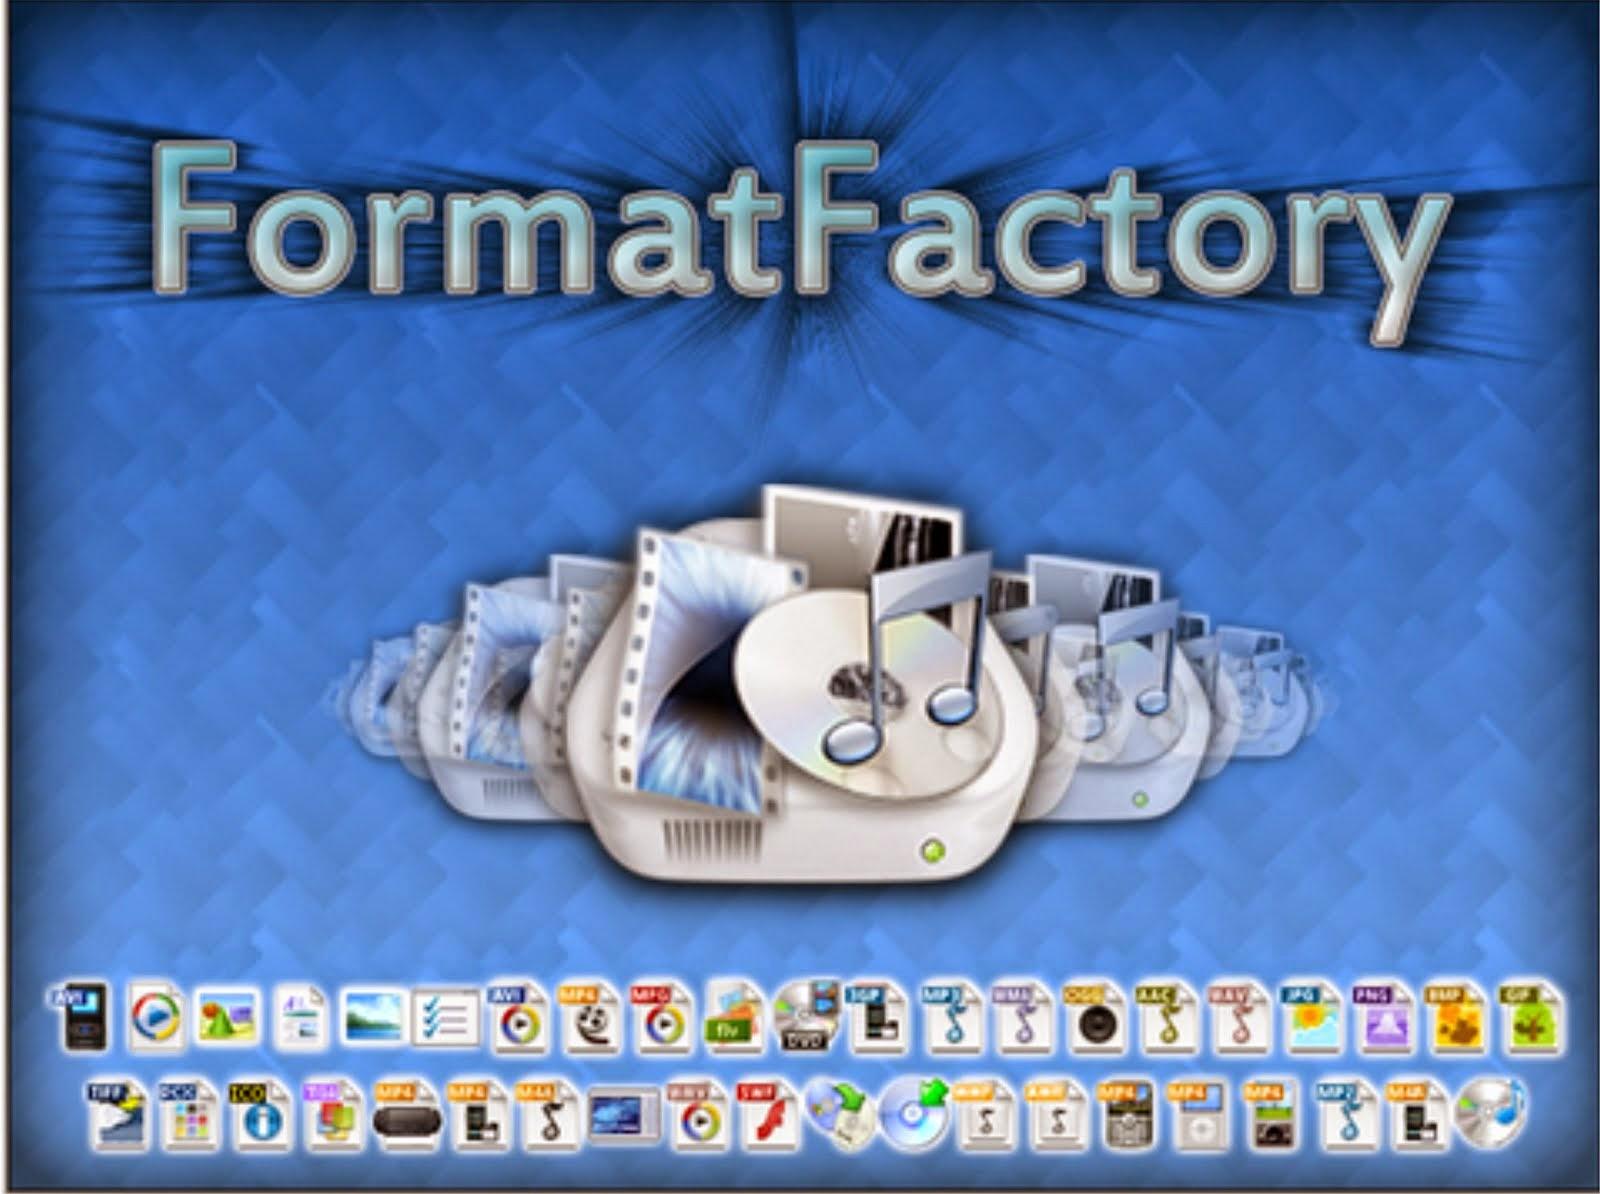 تحميل برنامج Format Factory 3.3.5